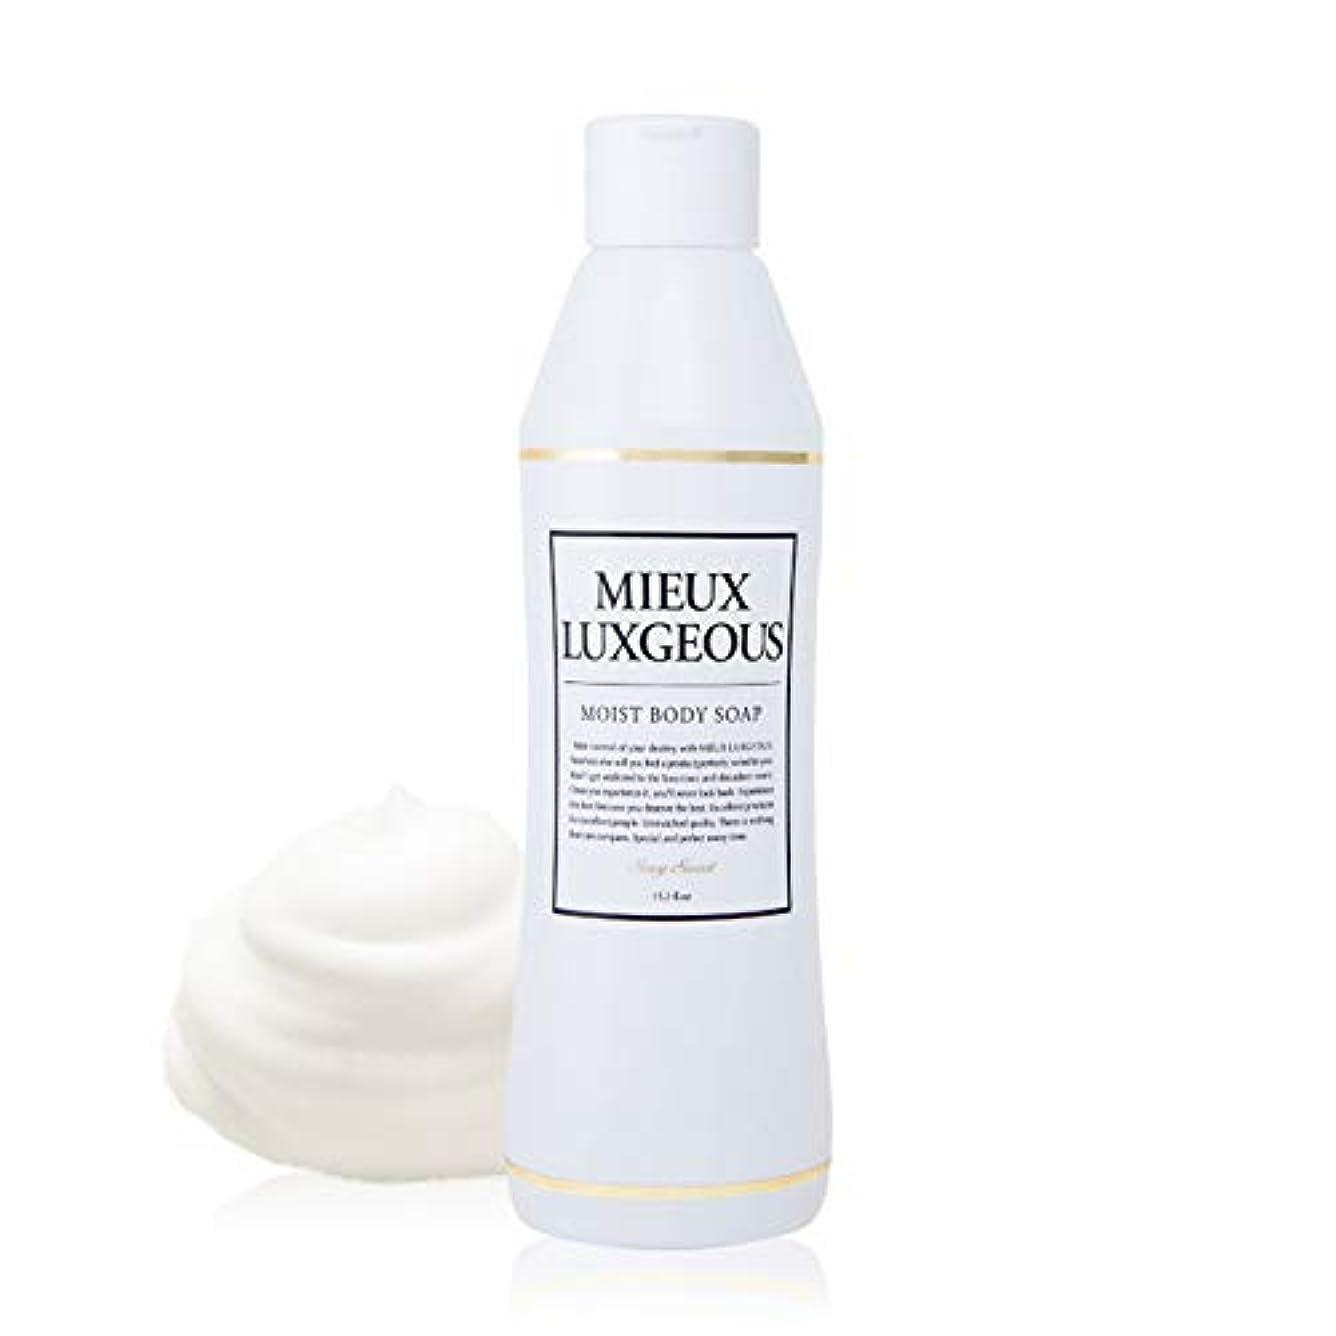 リフレッシュハンバーガーローラーミューラグジャス モイストボディソープ MOIST BODY SOAP - Sexy Sweetの香り